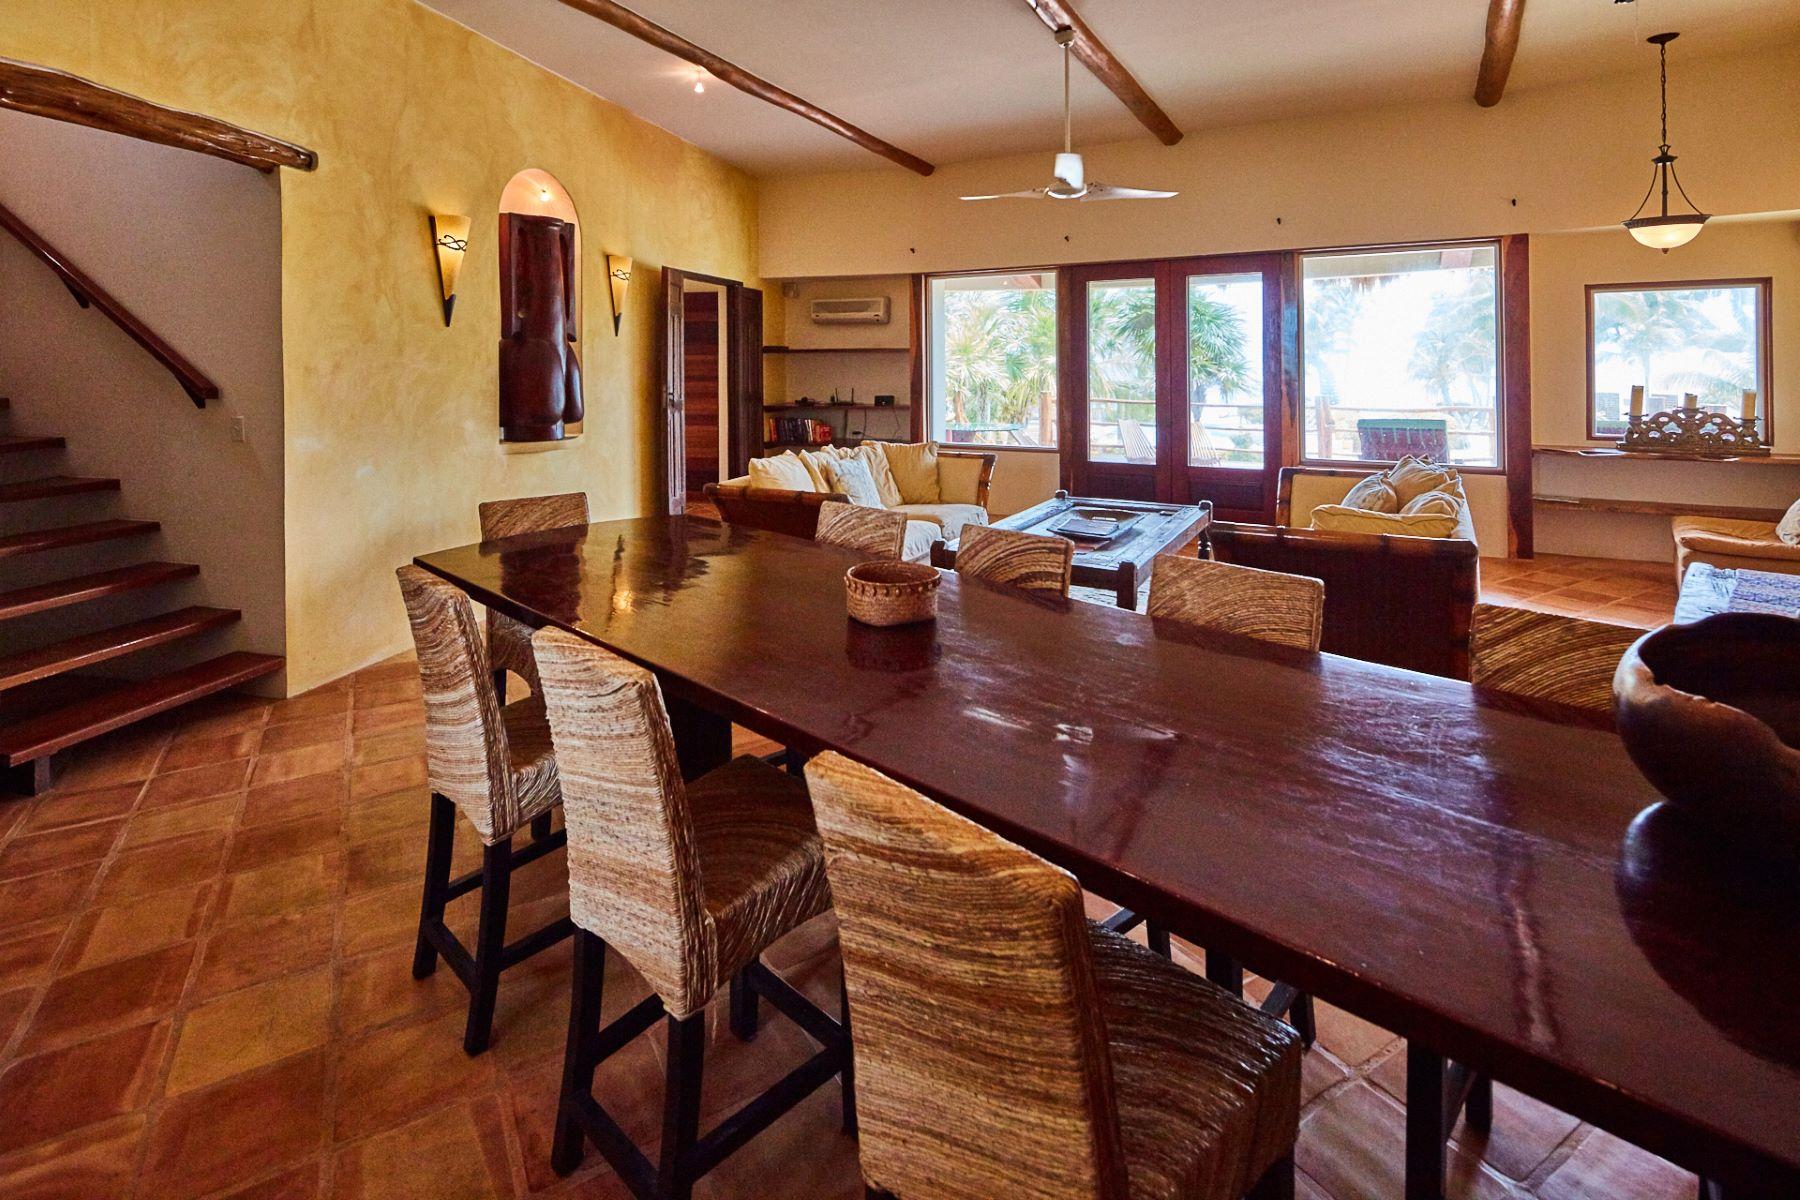 Additional photo for property listing at Villa Pearl La Perla Del Caribe Villa Pearl 5.5 Miles North San Pedro San Pedro Town, Belize 0 Belize